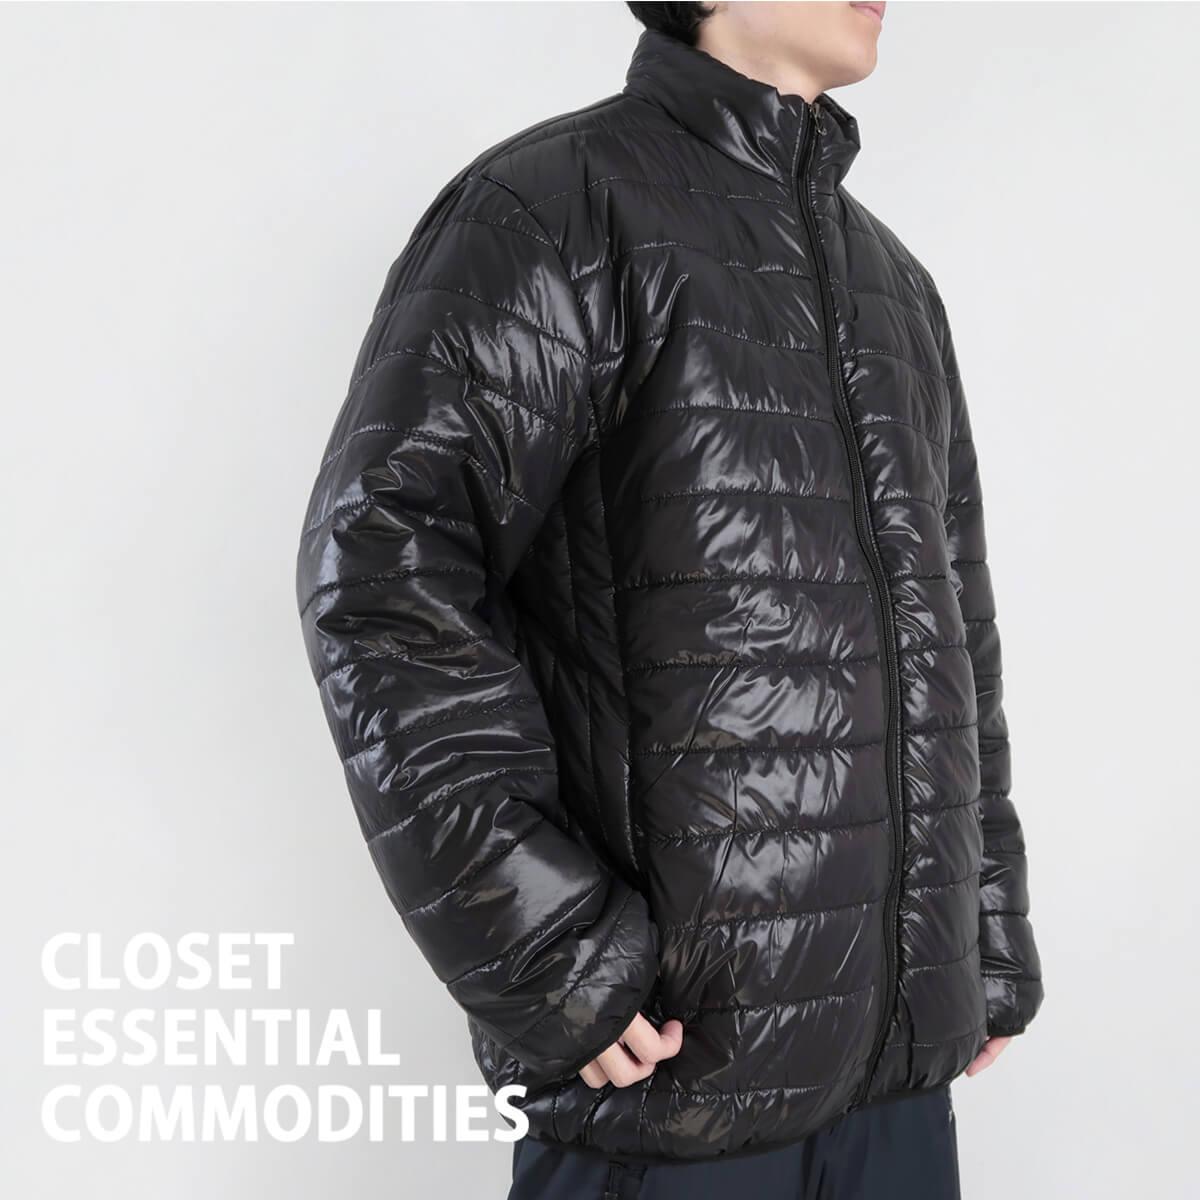 加大尺碼舖棉保暖外套 超輕量夾克外套 騎士外套 擋風外套 立領休閒外套 鋪棉外套 藍色外套 黑色外套 WARM PADDED JACKET (321-A831-08)深藍色、(321-A831-21)黑色、(321-A831-22)灰色 6L 7L 8L (胸圍58~62英吋) [實體店面保障] sun-e 8